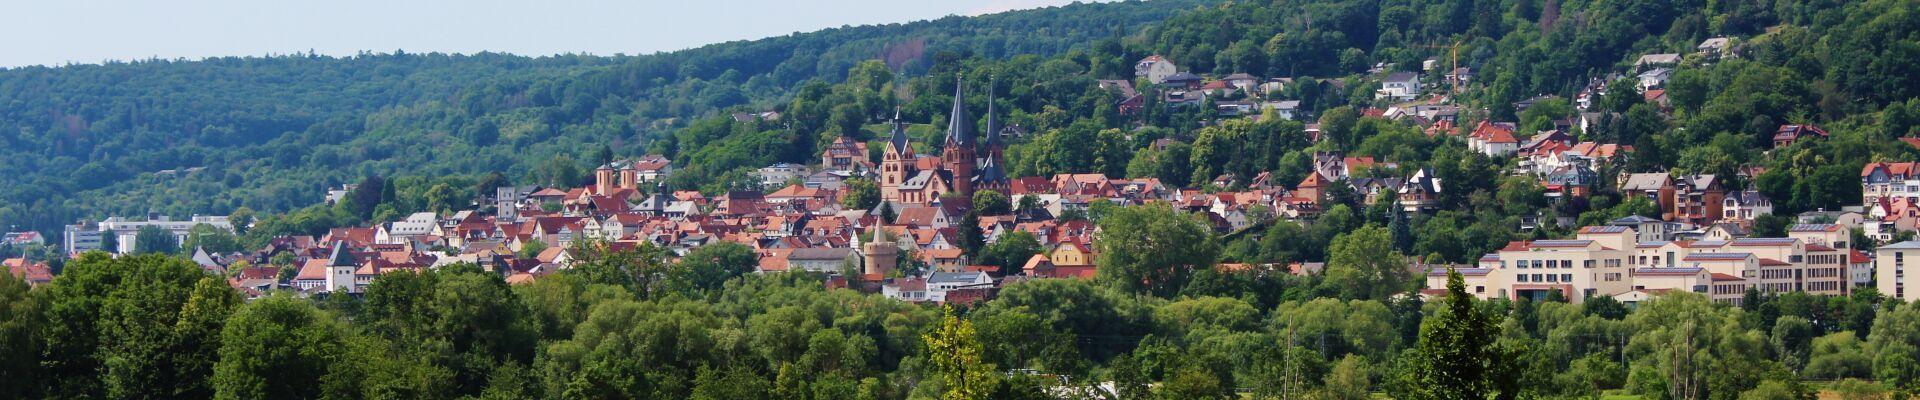 Ein Blick auf die Kreisstadt Gelnhausen